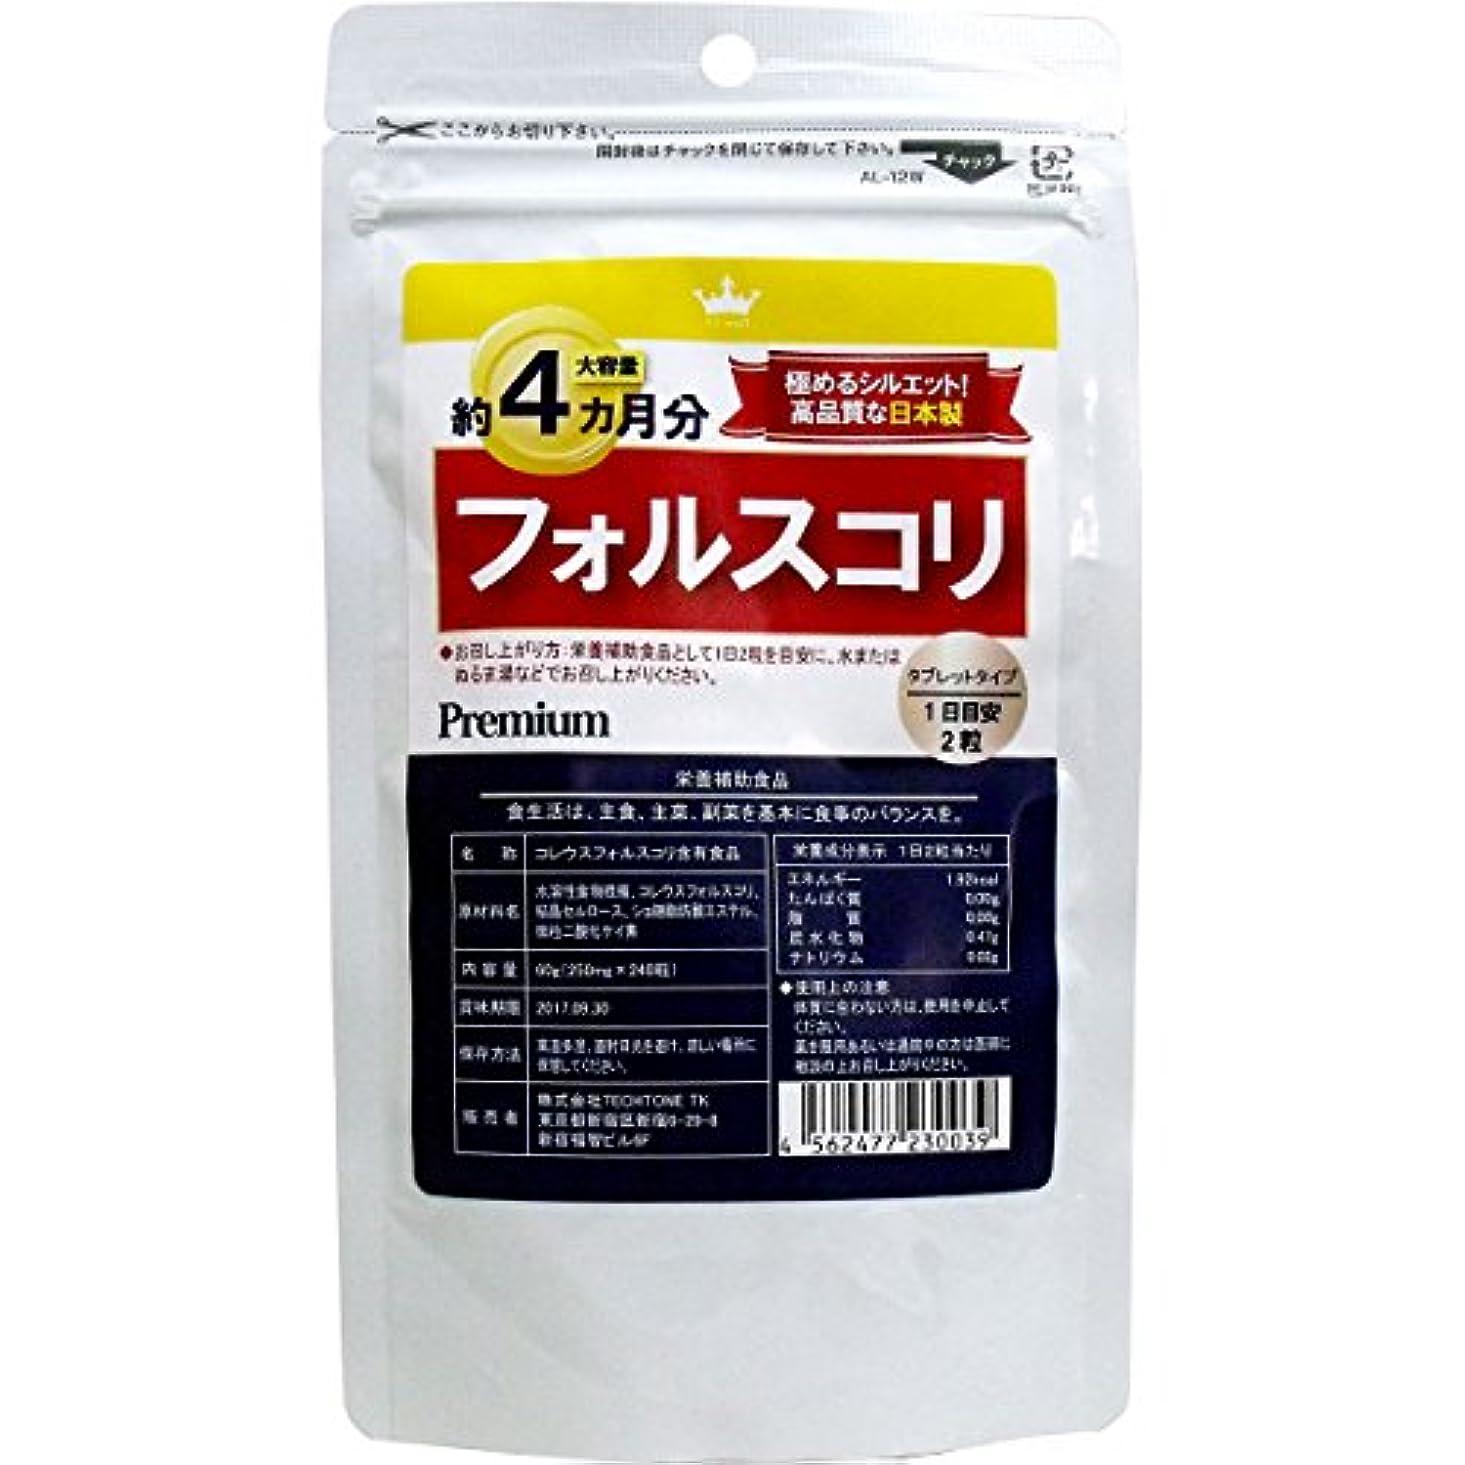 便利化石合意サプリメント 高品質な日本製 健康食品 フォルスコリ 約4カ月分 240粒入【3個セット】